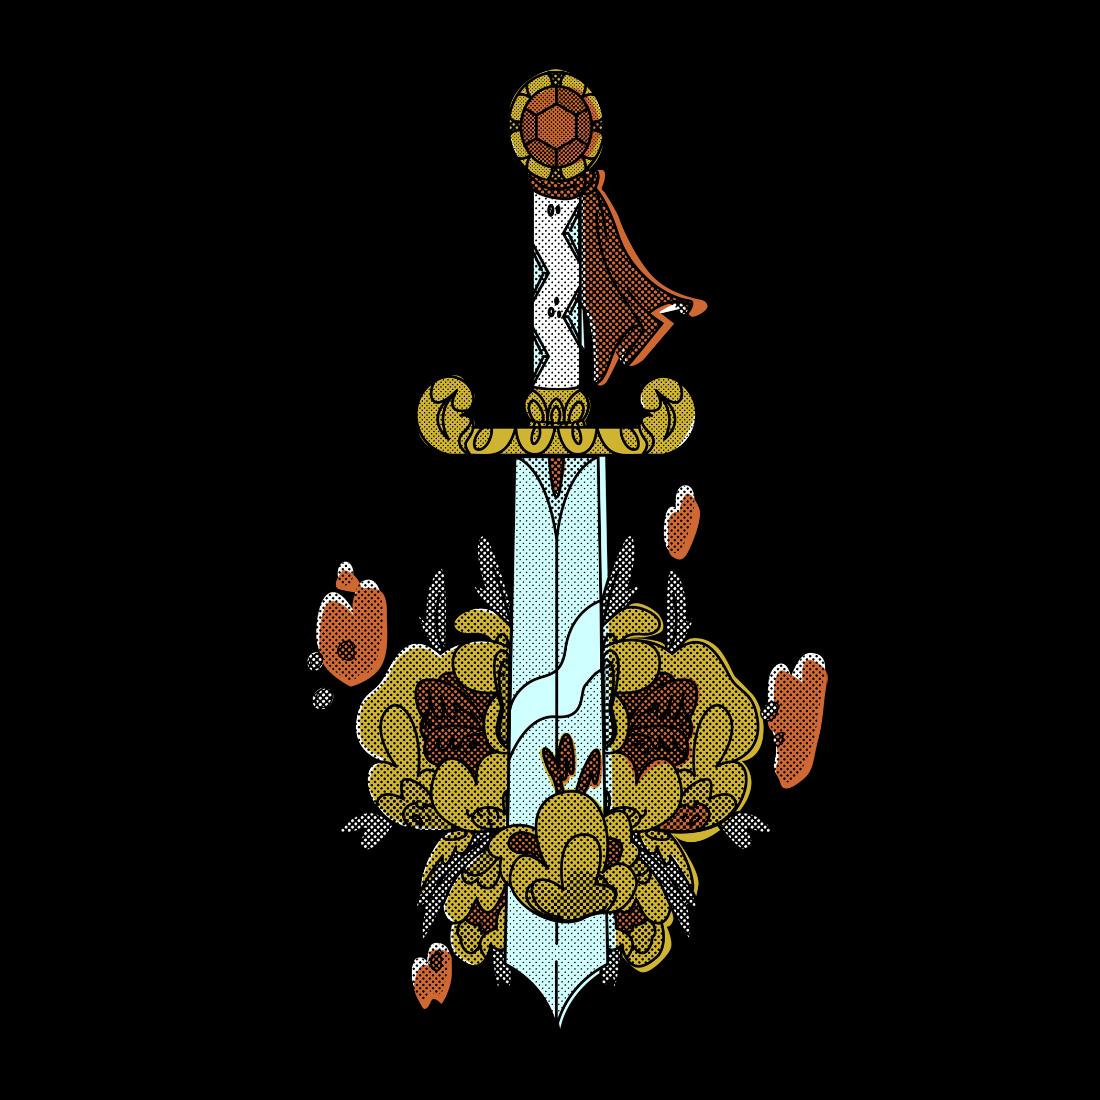 Henbane logo IG.jpg